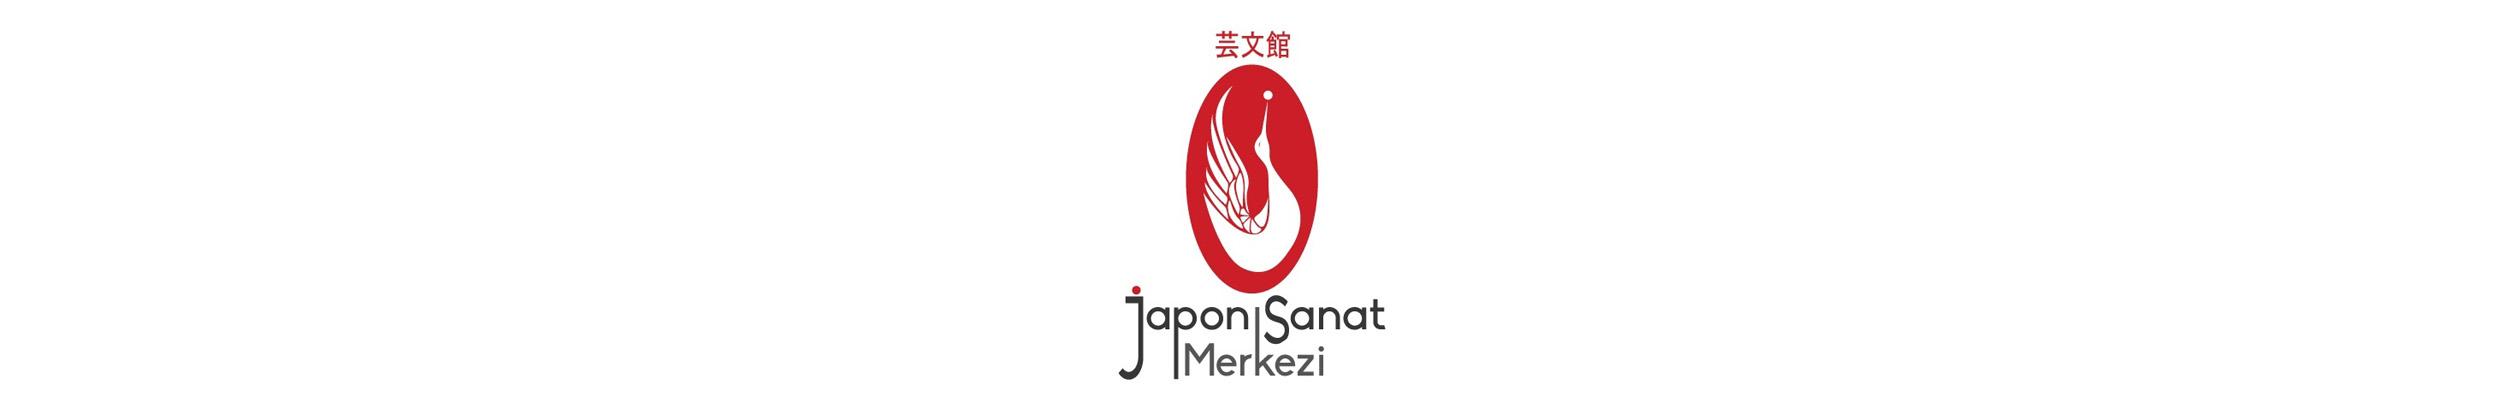 JAPON SANAT MERKEZİ